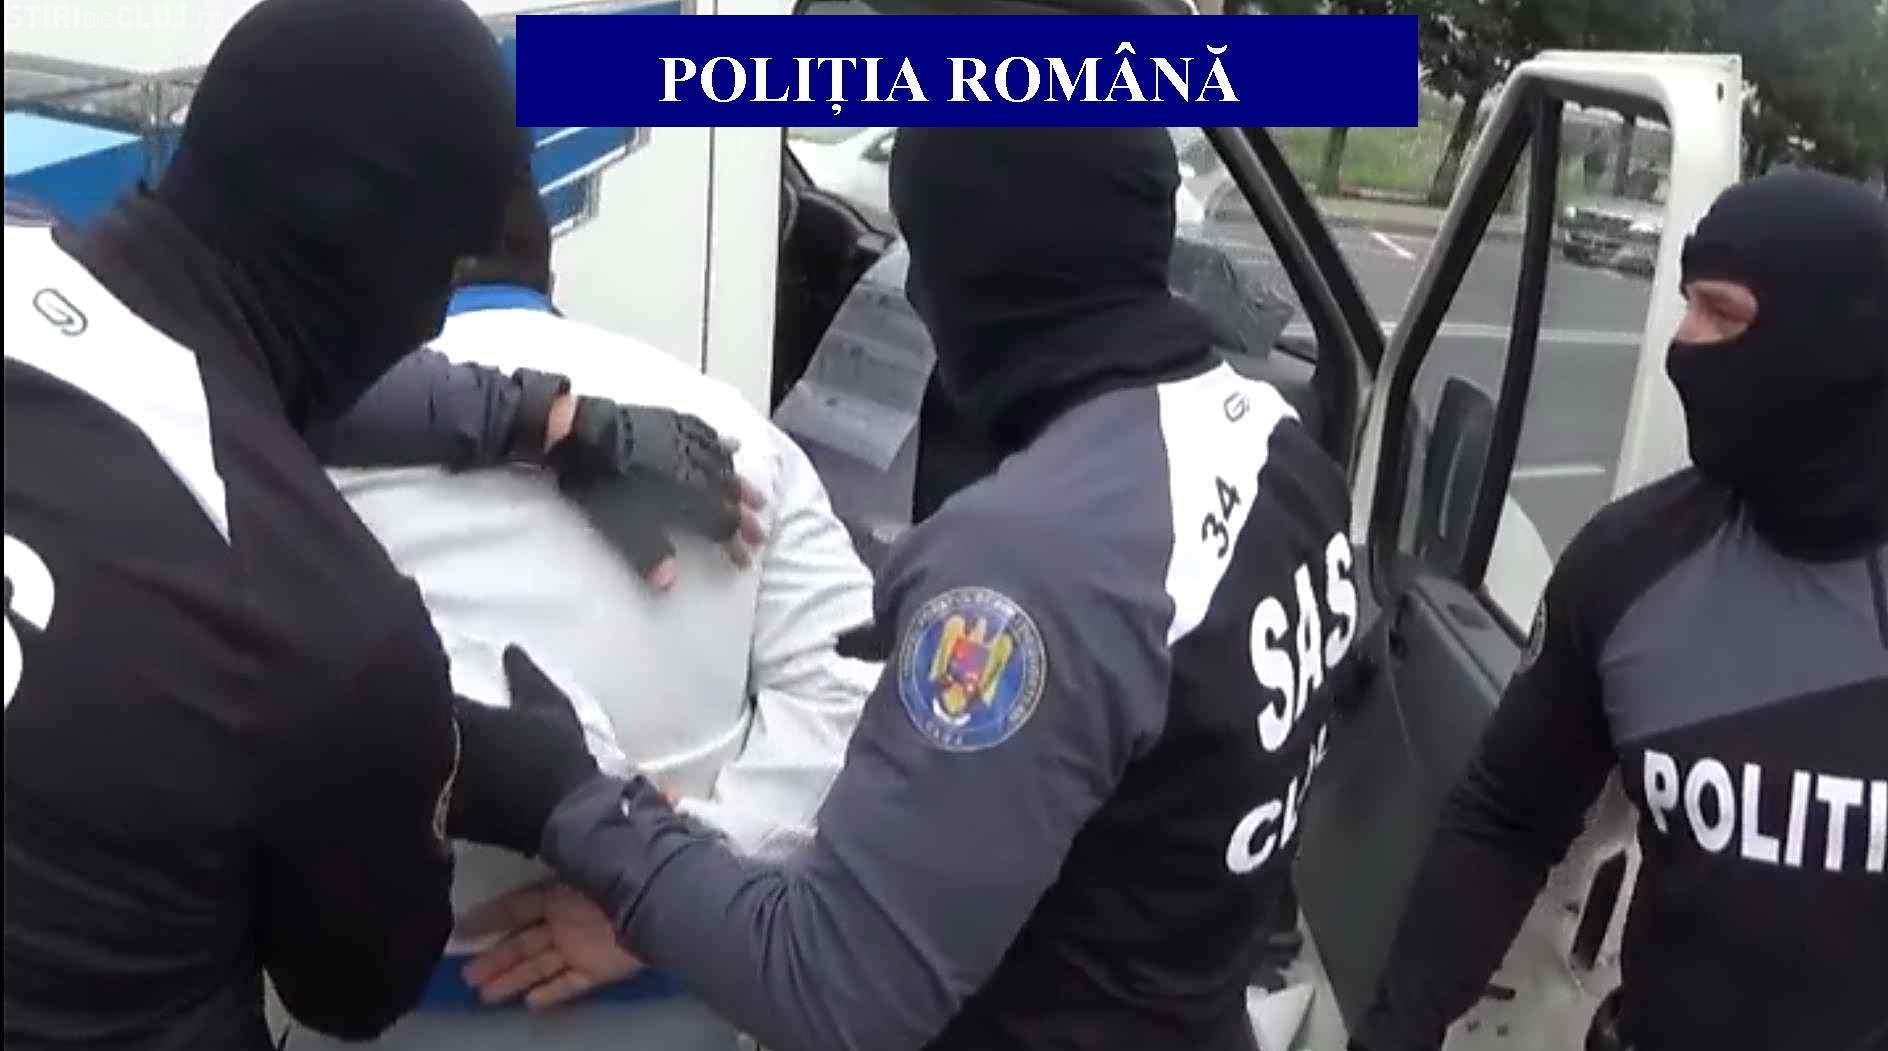 Escroc prins în flagrant la Cluj! Cum își păcălea victimele de pe site-urile de anunțuri FOTO